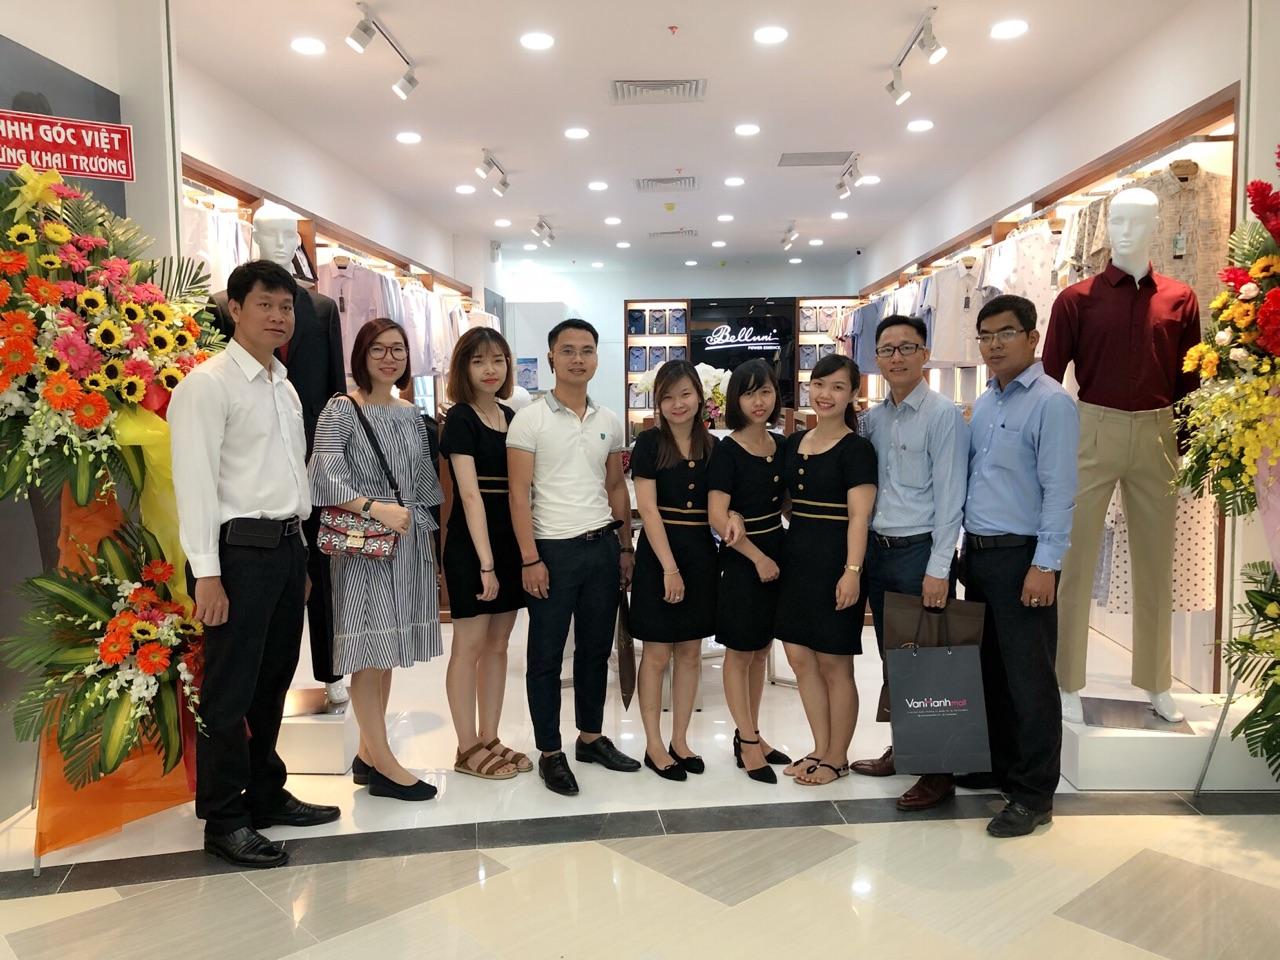 Khai trương Cửa hàng Belluni 78 tại Tp.HCM